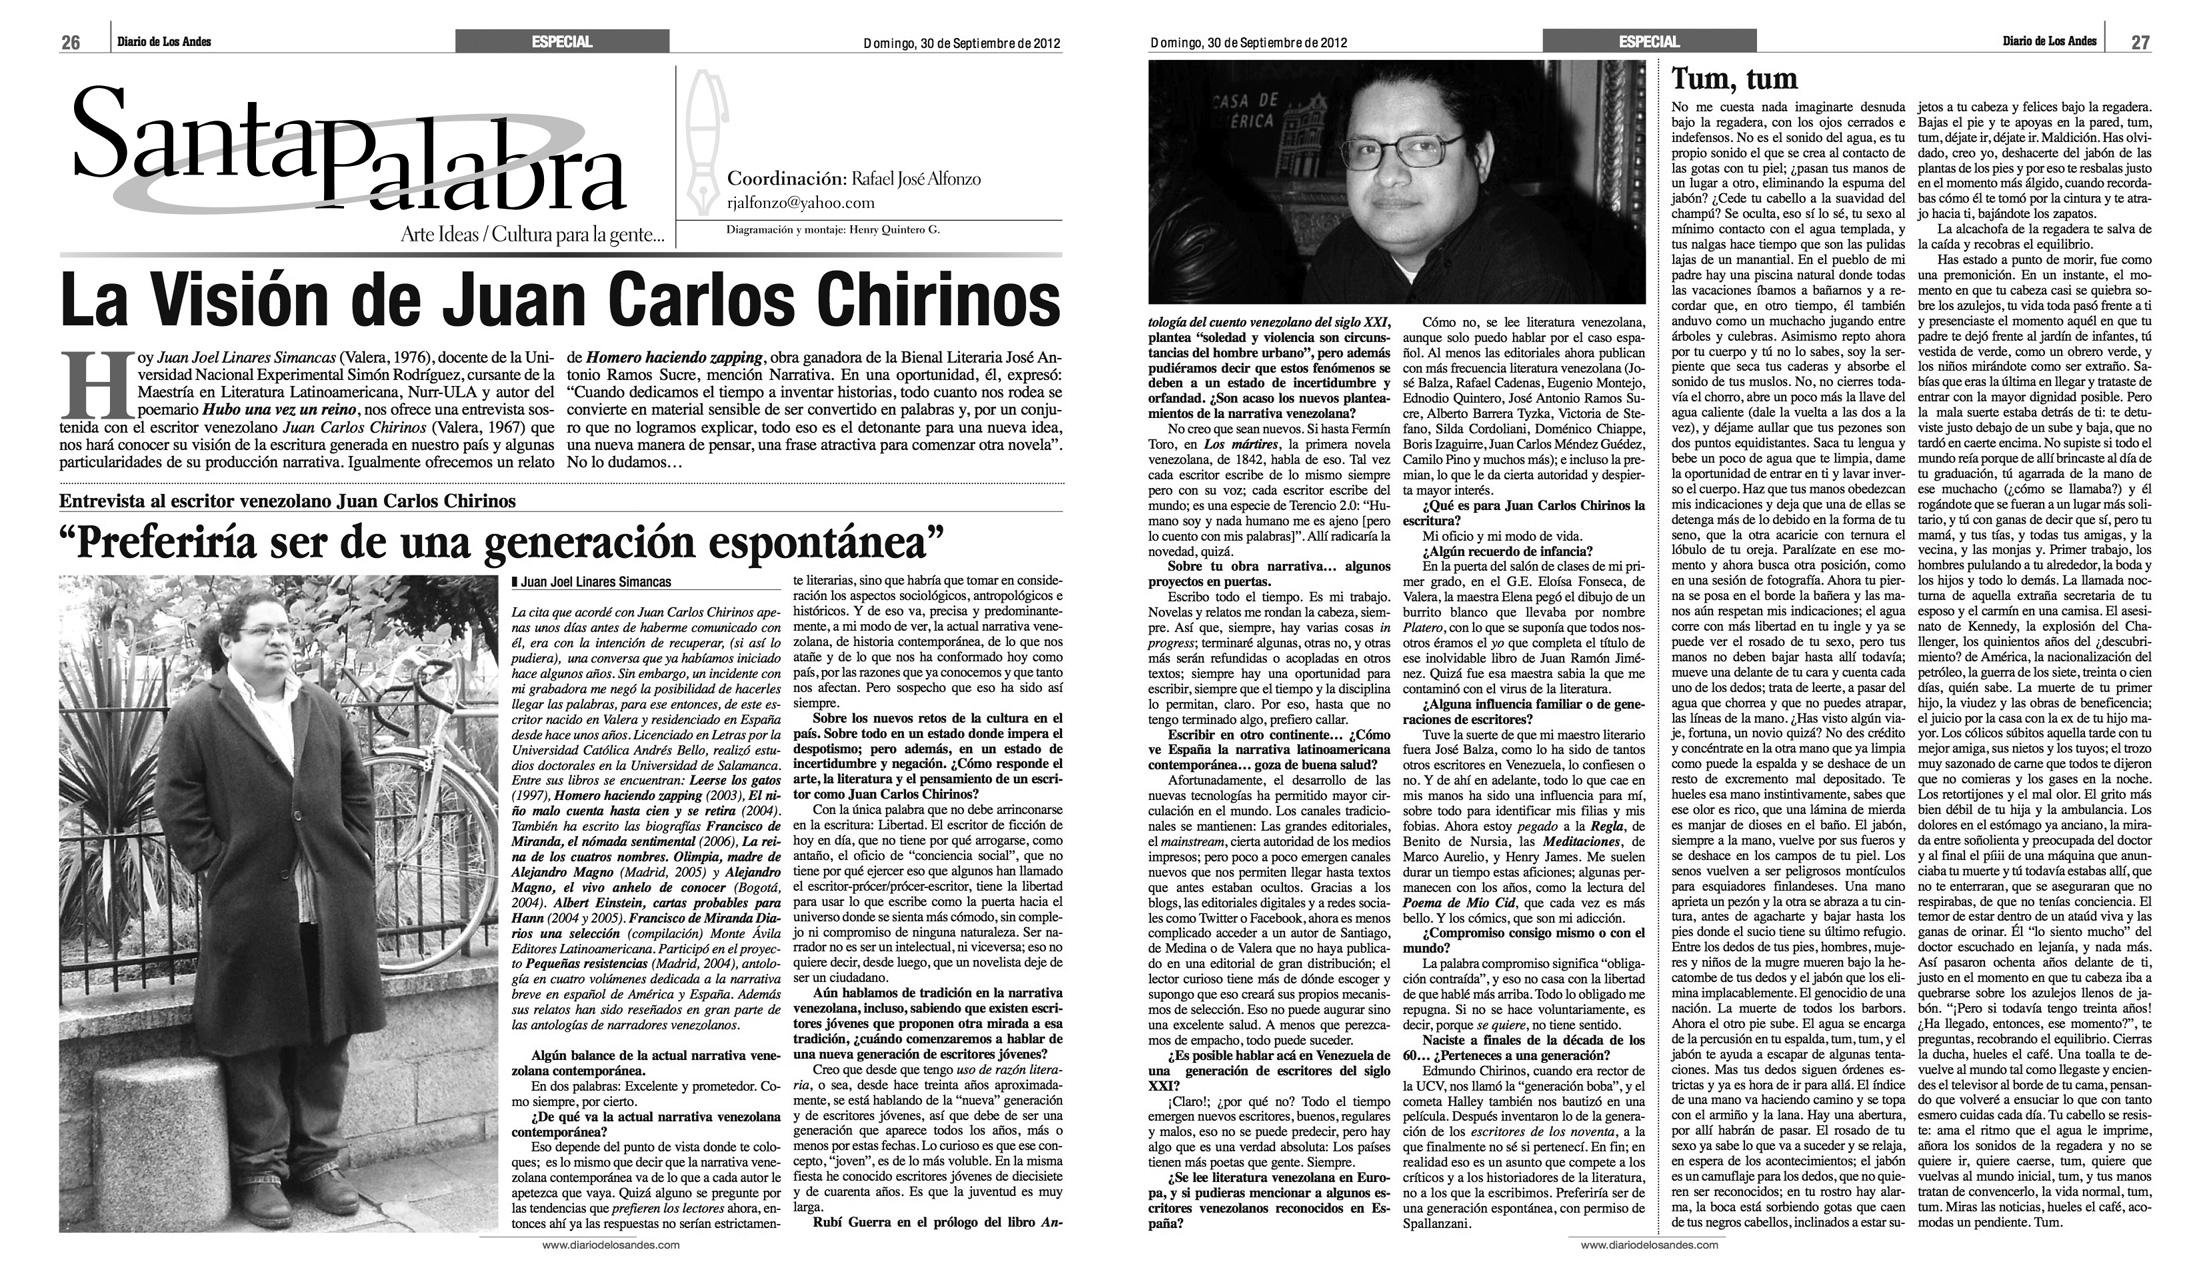 Entrevista de Juan Joel Linares en el Diario de Los Andes 30 09 2012.jpg